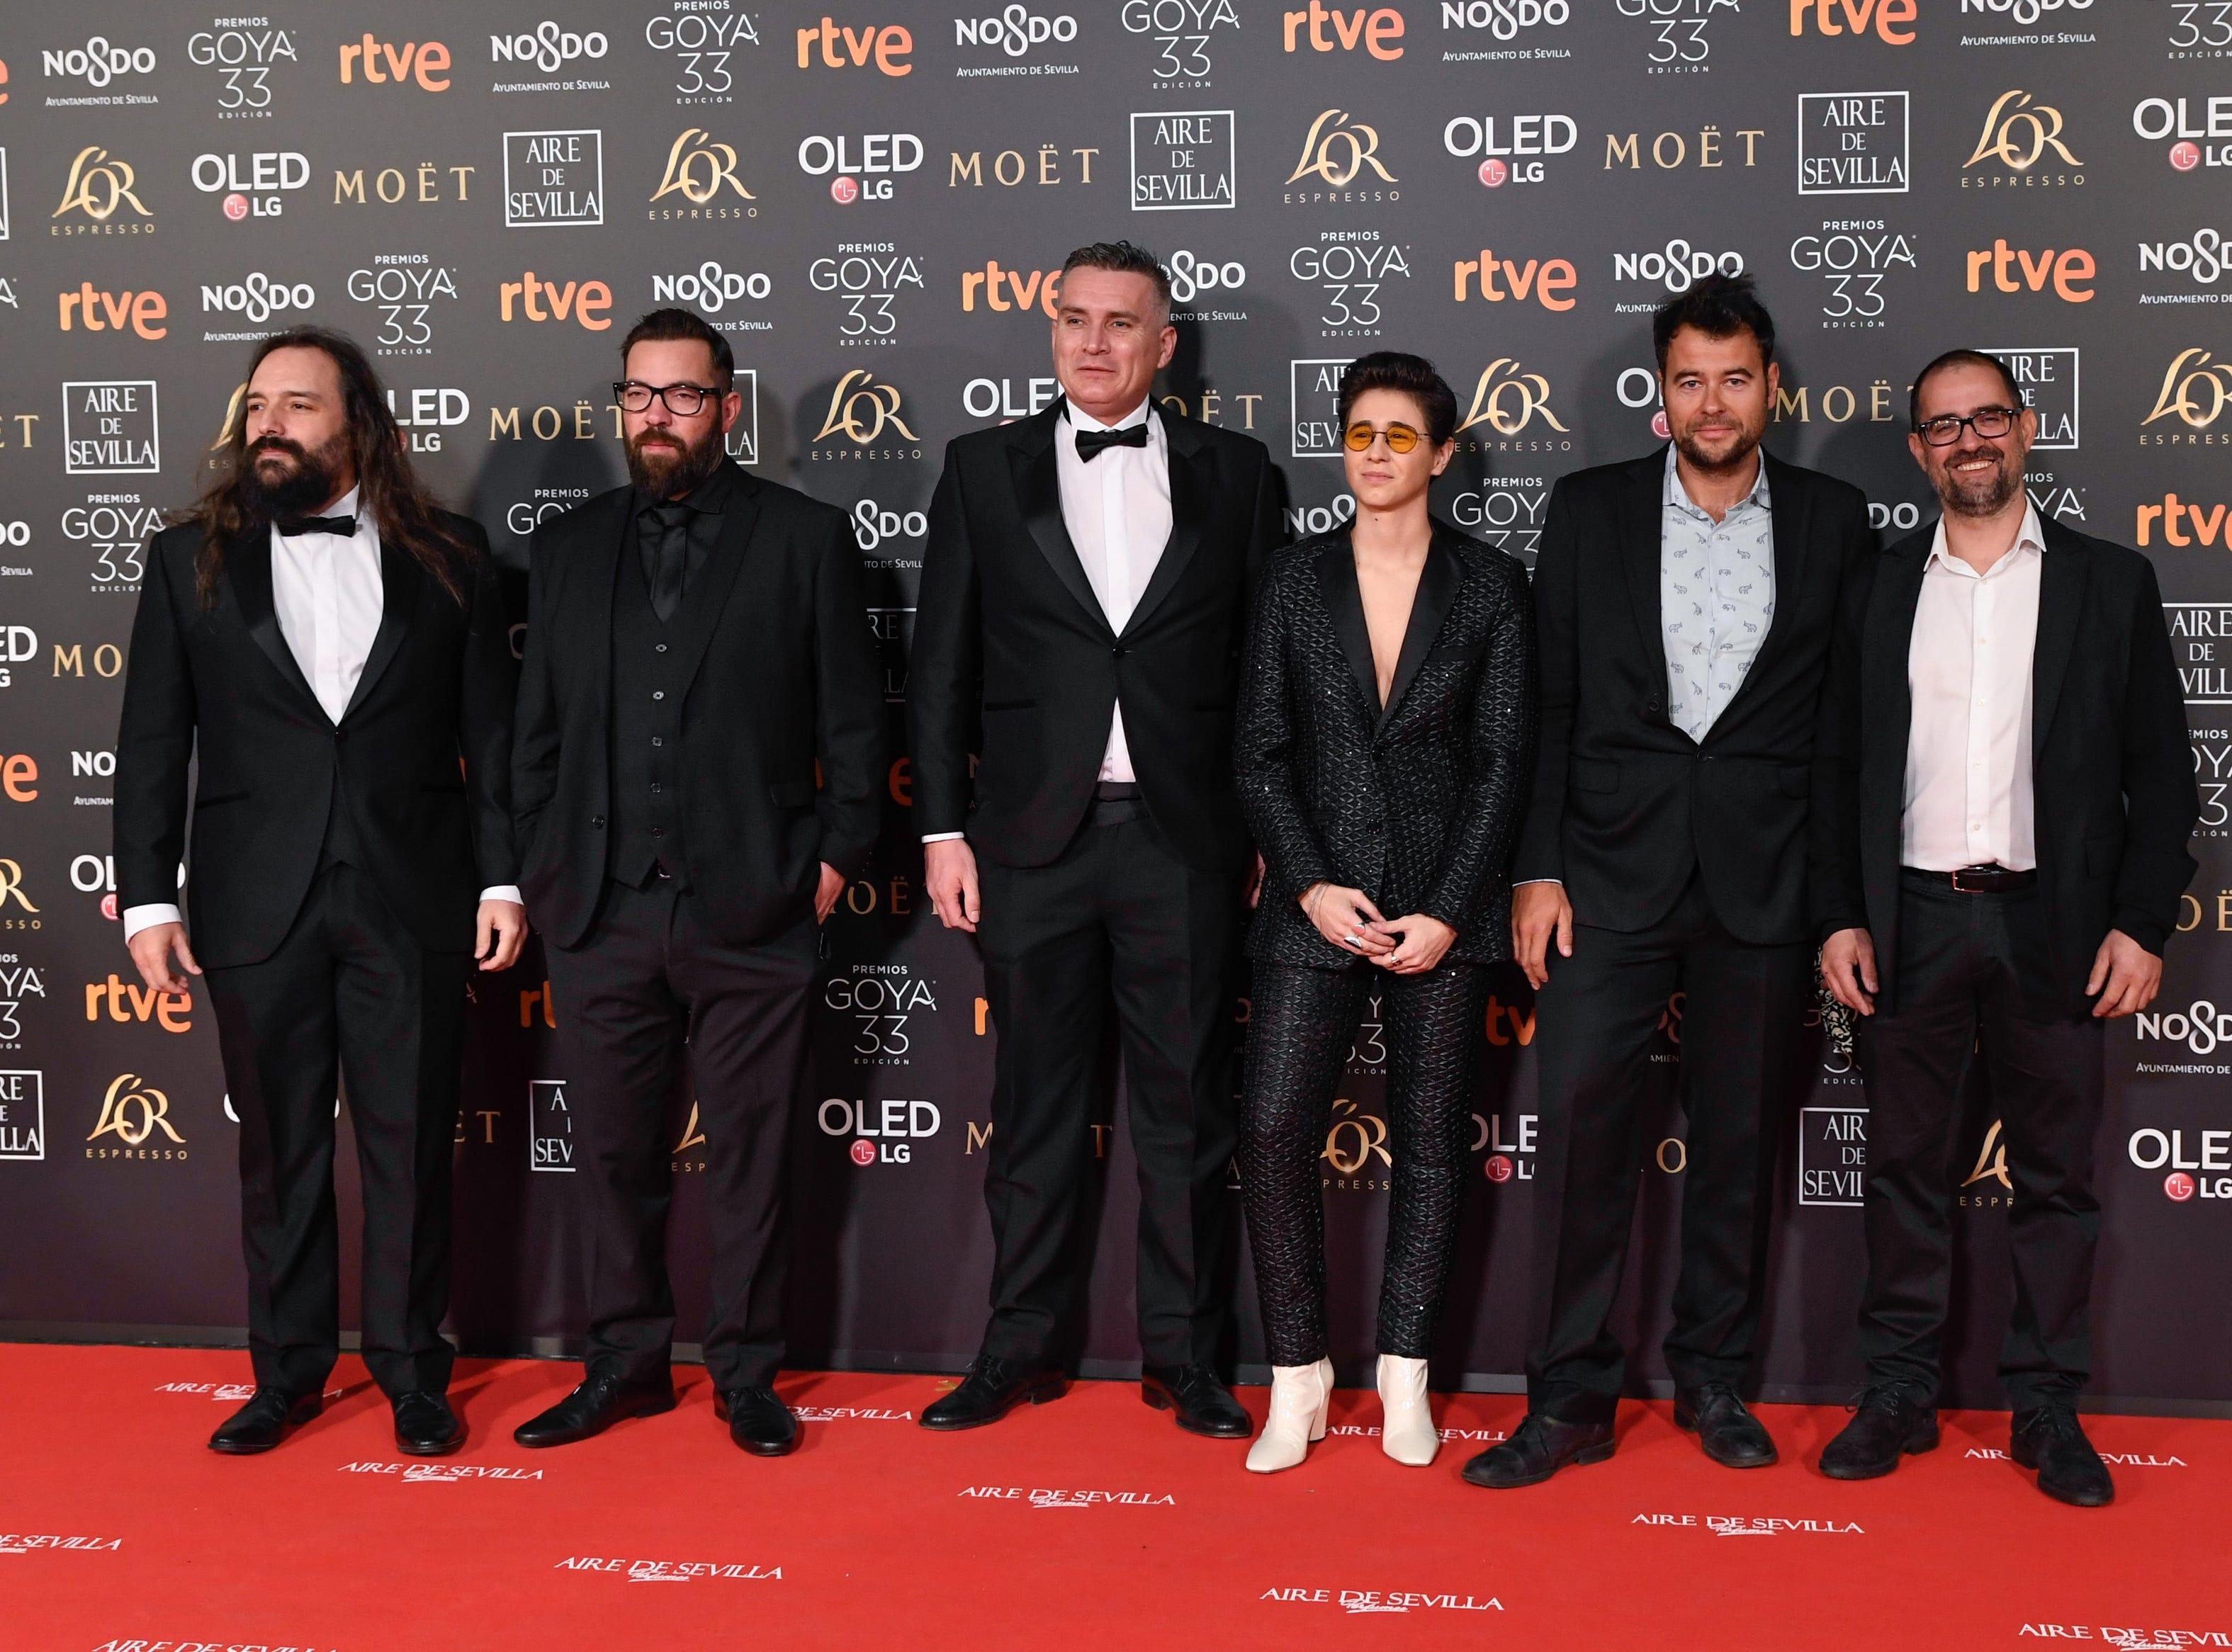 El elenco de 'Superlopez' asiste a la 33ª edición de los Premios de Cine Goya en el Palacio de Congresos y Exposiciones FIBES el 2 de febrero de 2019 en Sevilla, España.